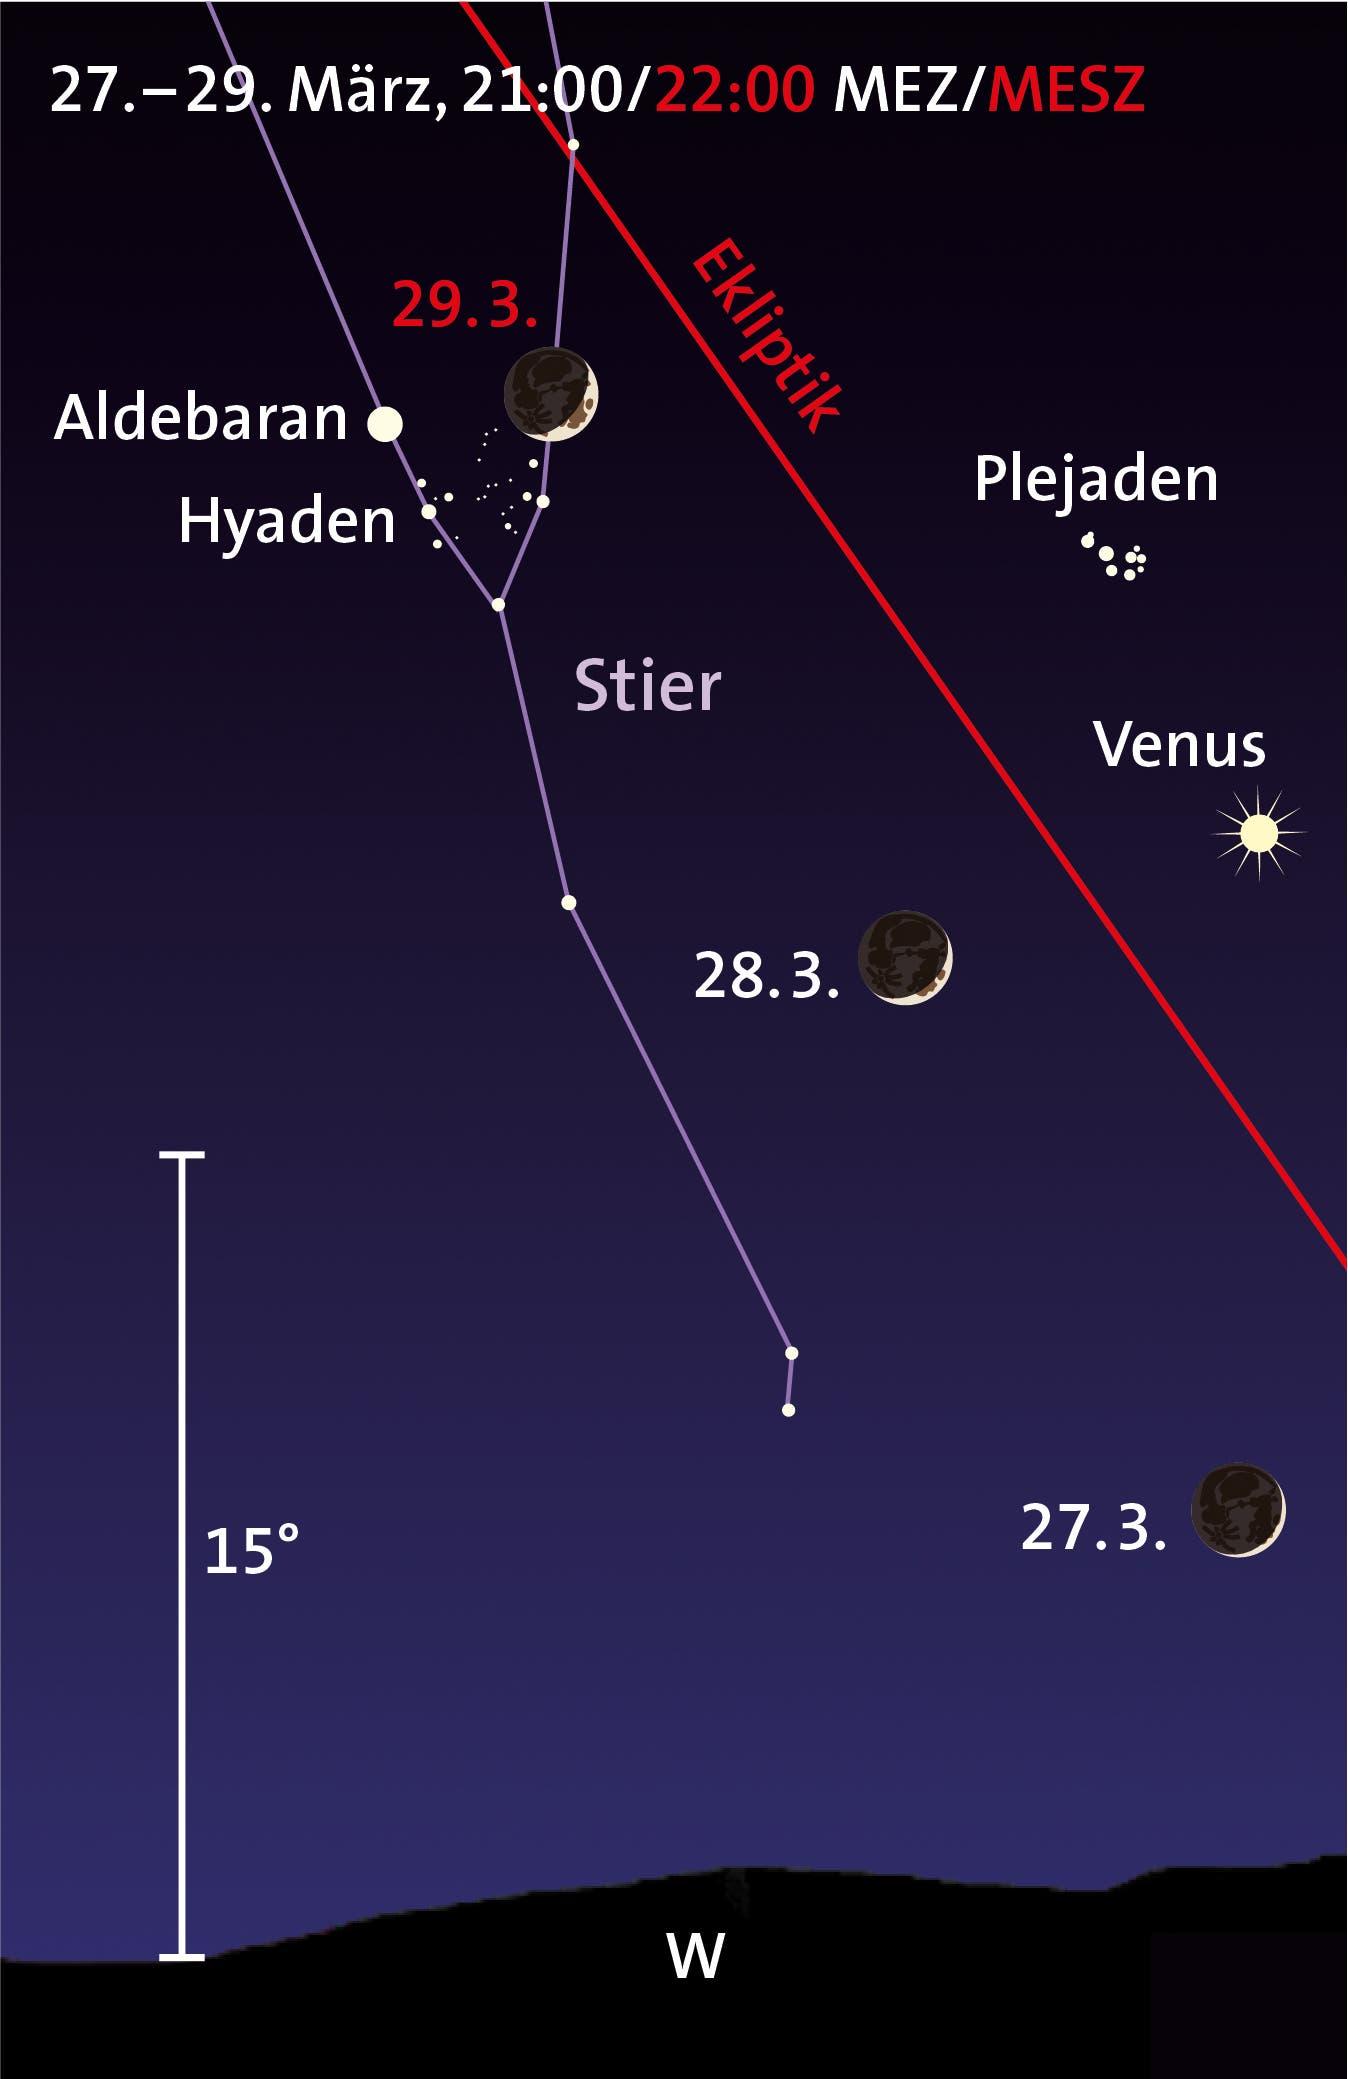 Mond, Venus, Hyaden, Plejaden